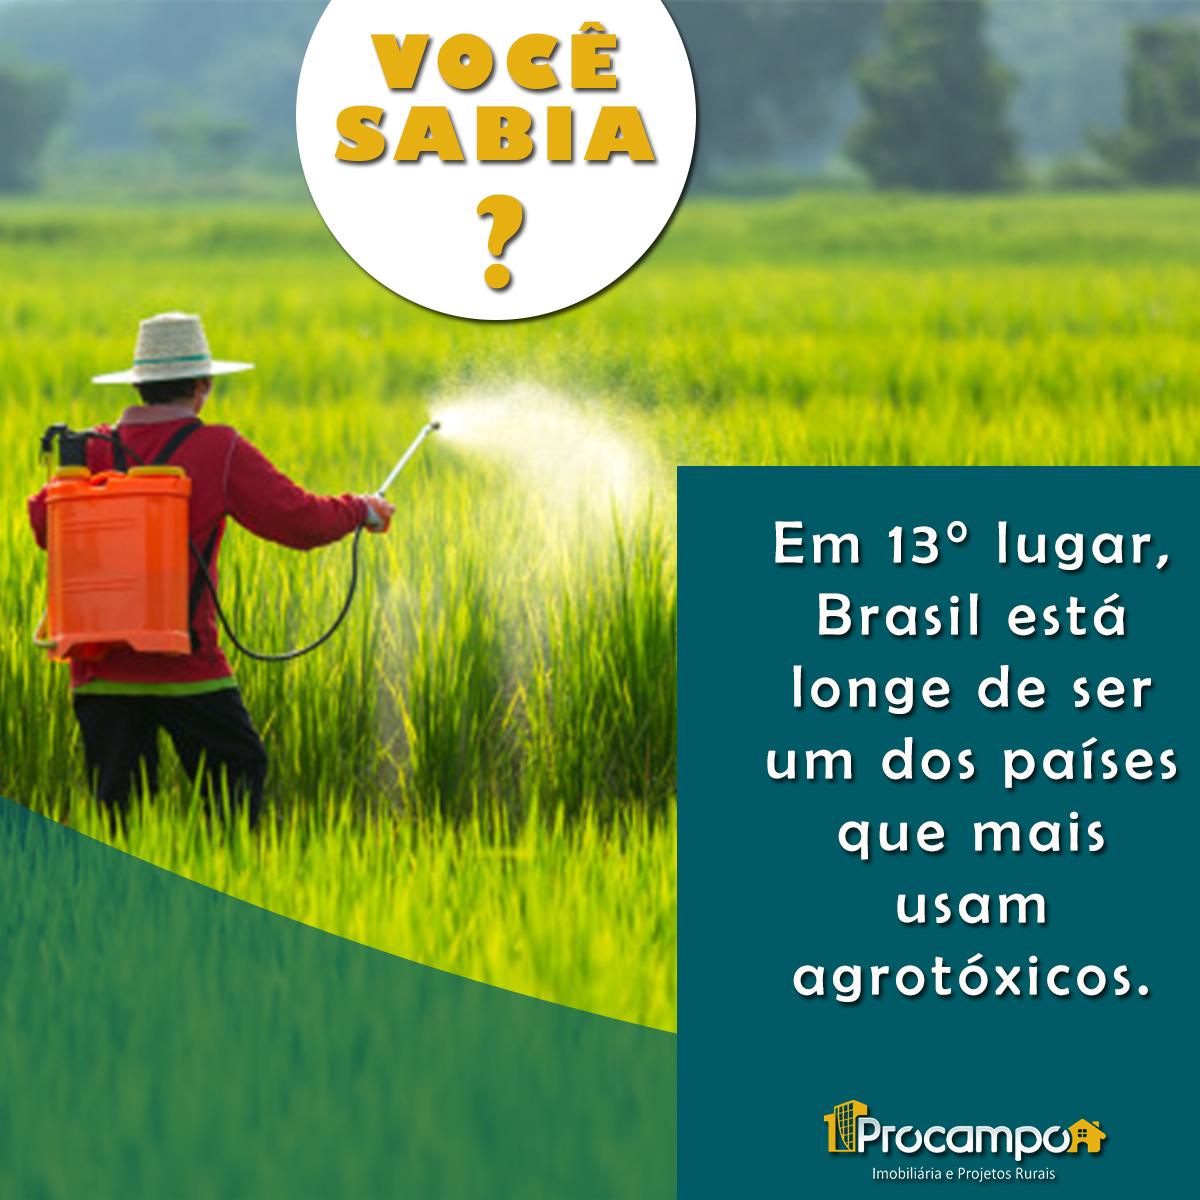 Em 13° lugar, Brasil está longe de ser um dos países que mais usam agrotóxicos.